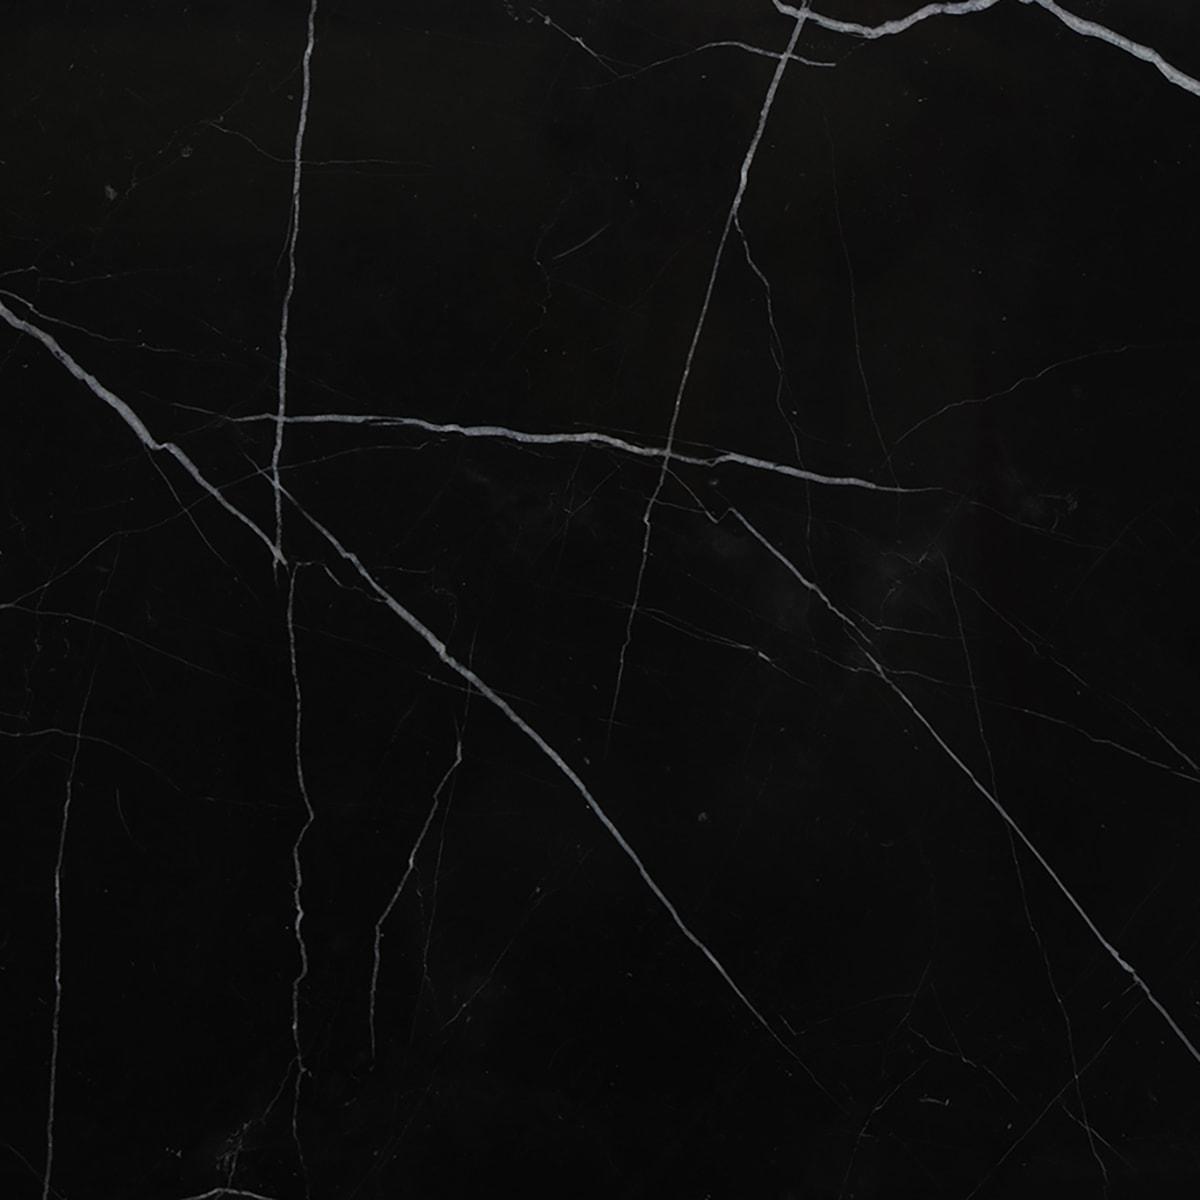 אבן נרומקווינה מוביל